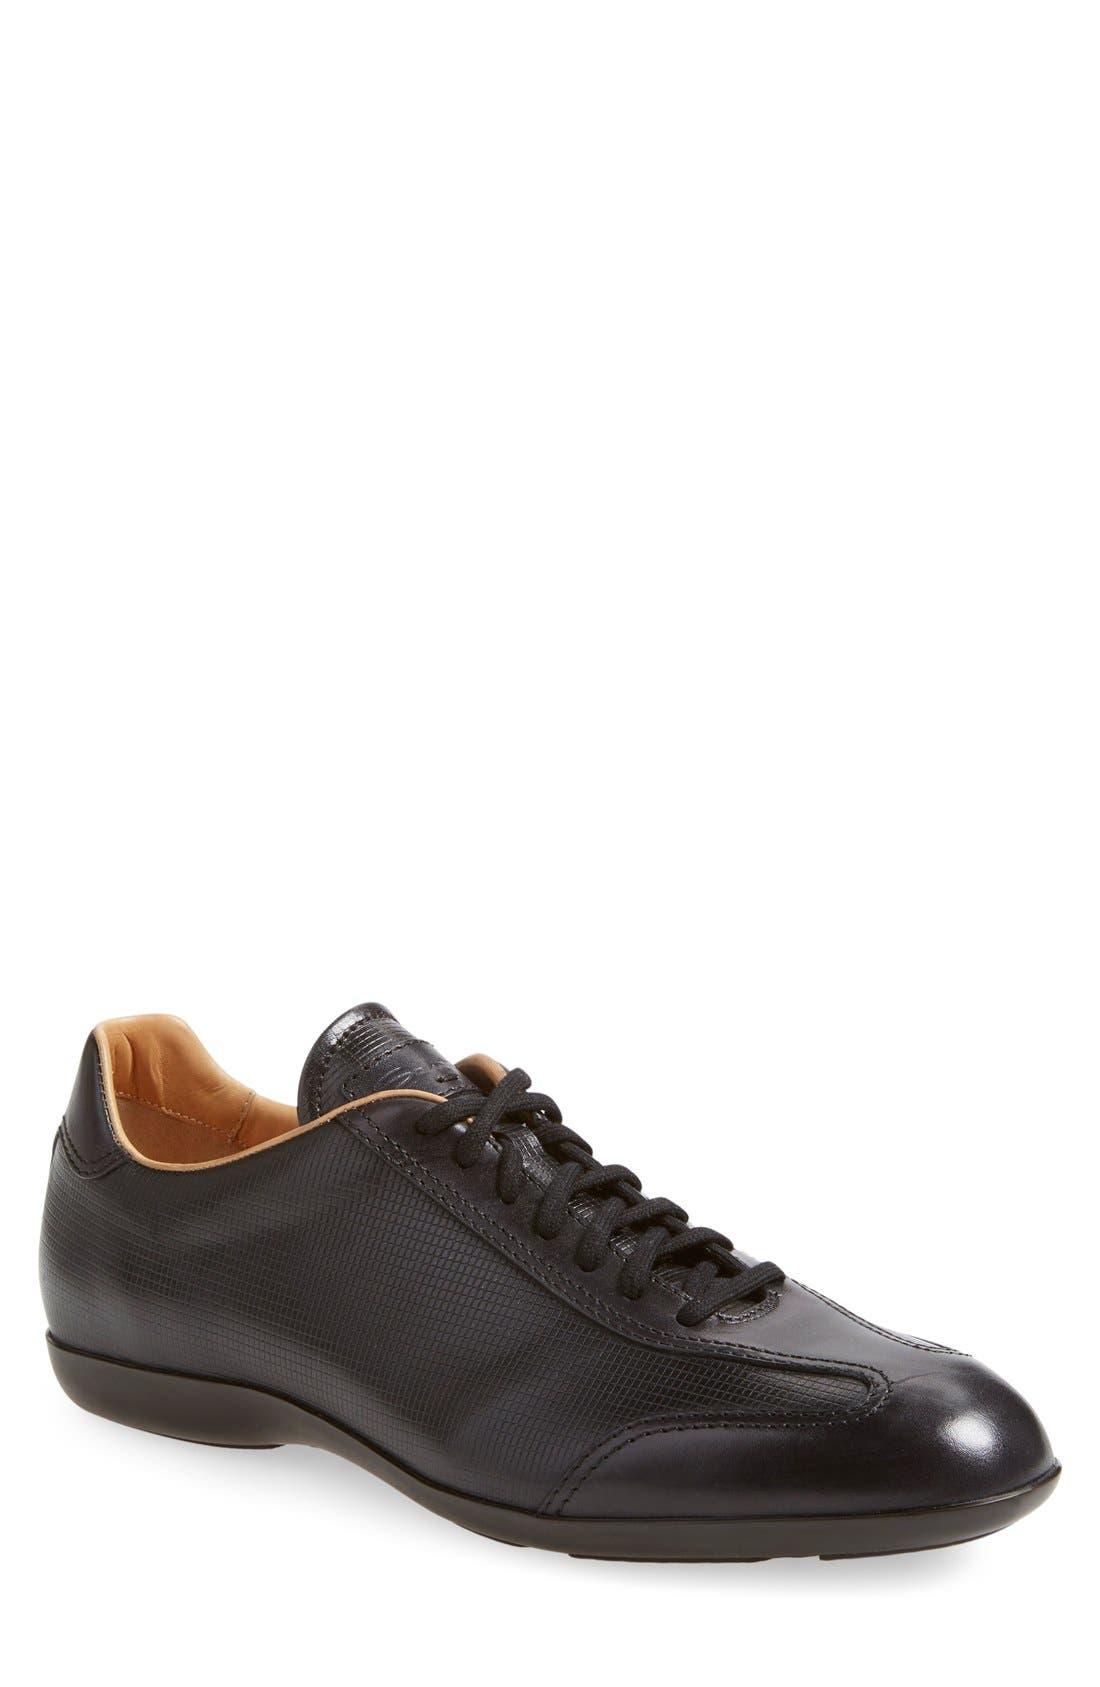 'Cortez' Sneaker,                         Main,                         color, Black/ Black Leather